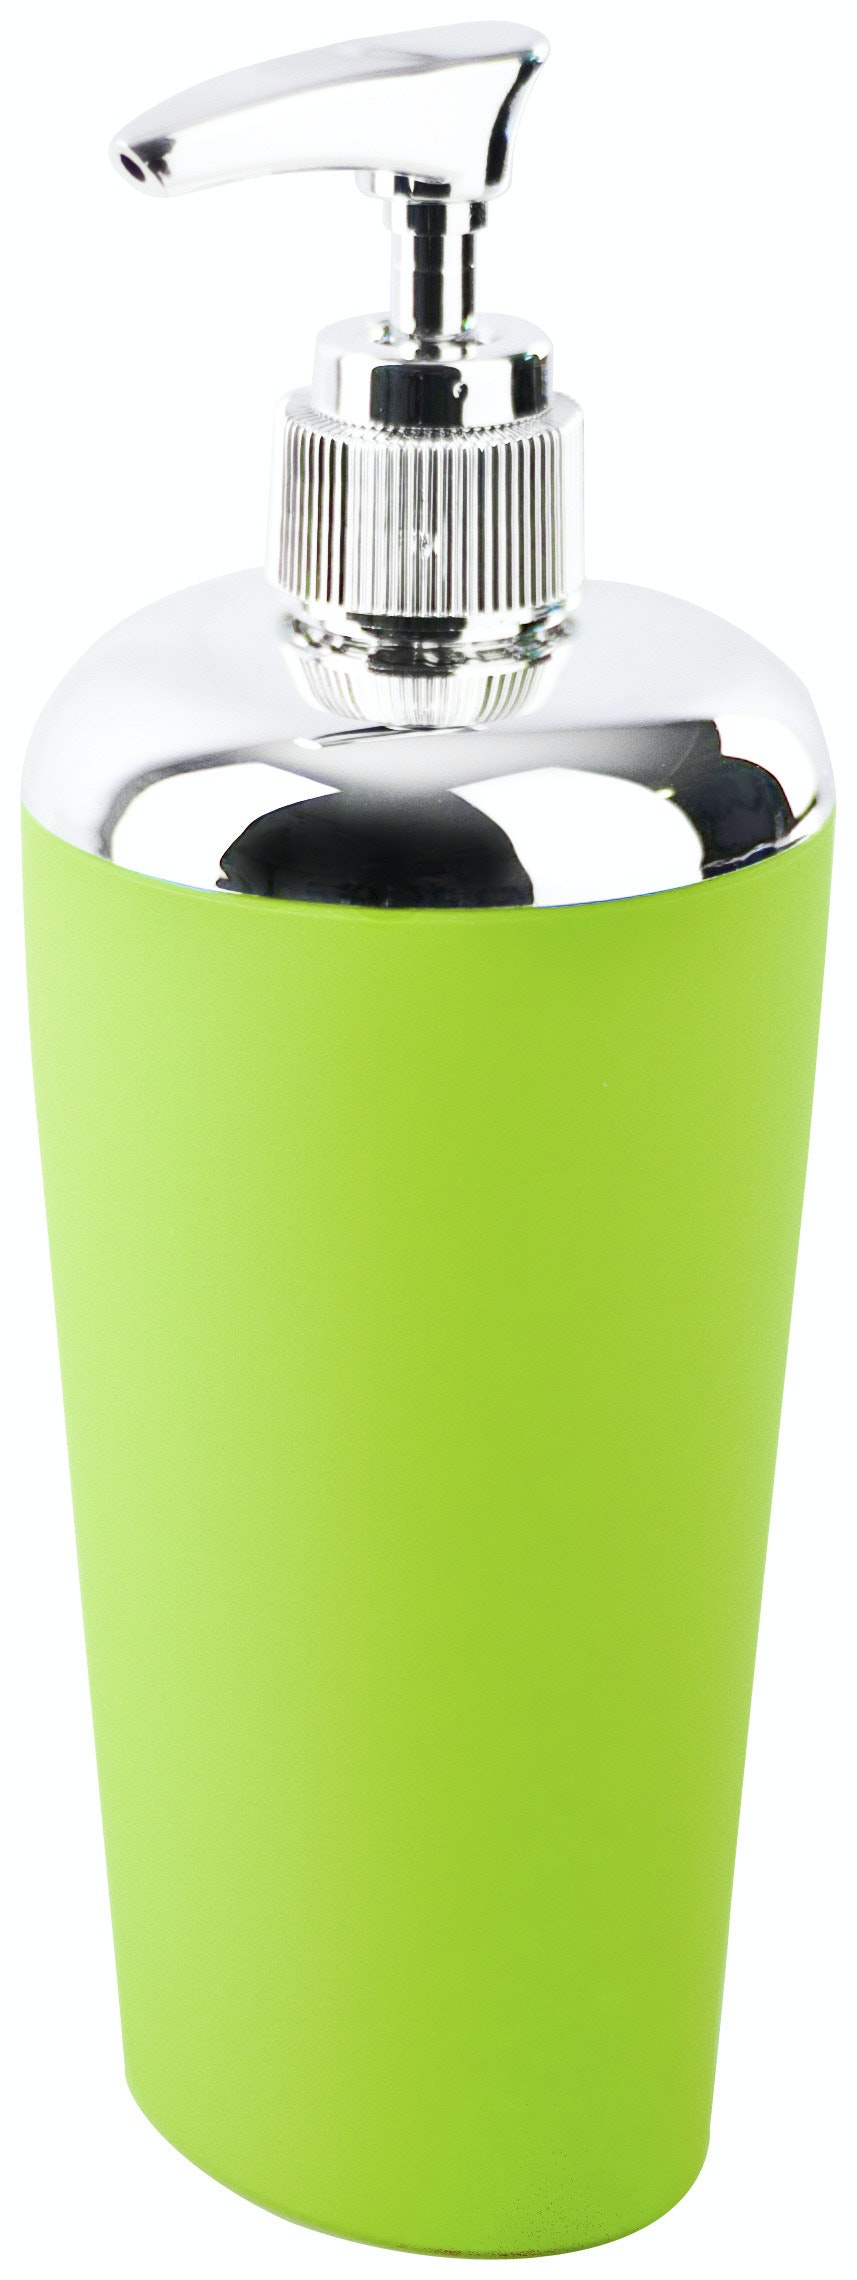 Tvålpump Duschy Belizza 997-55 limegrön